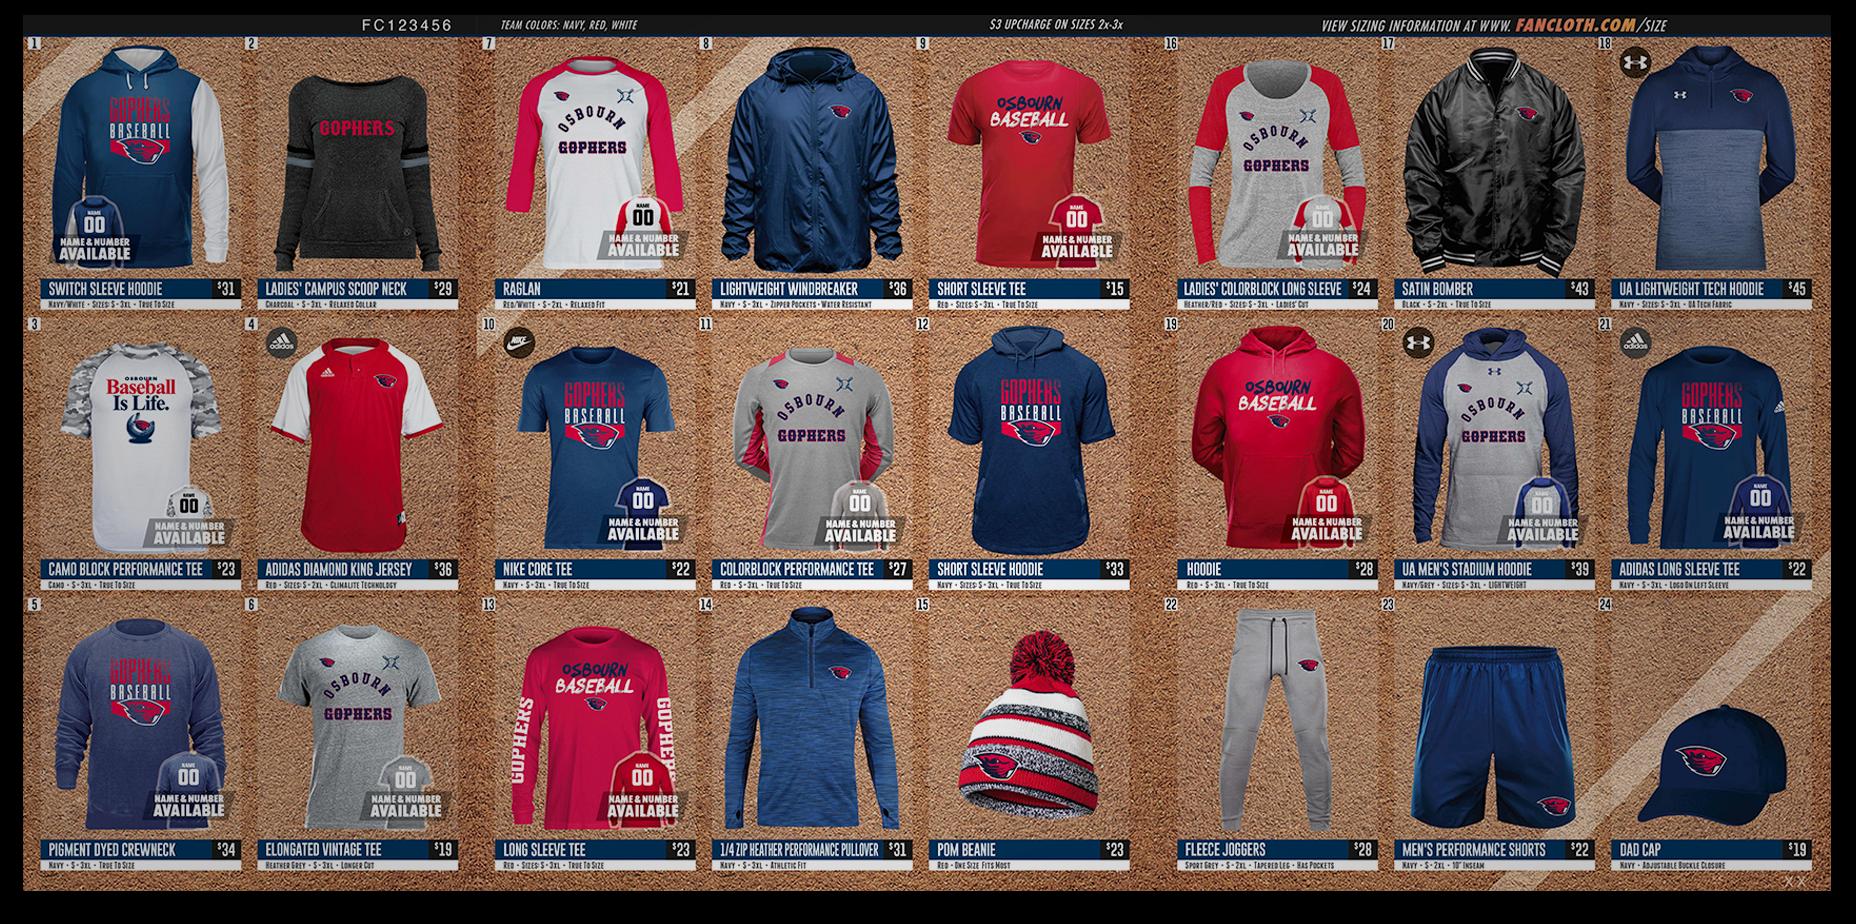 BaseballSample19-02.png